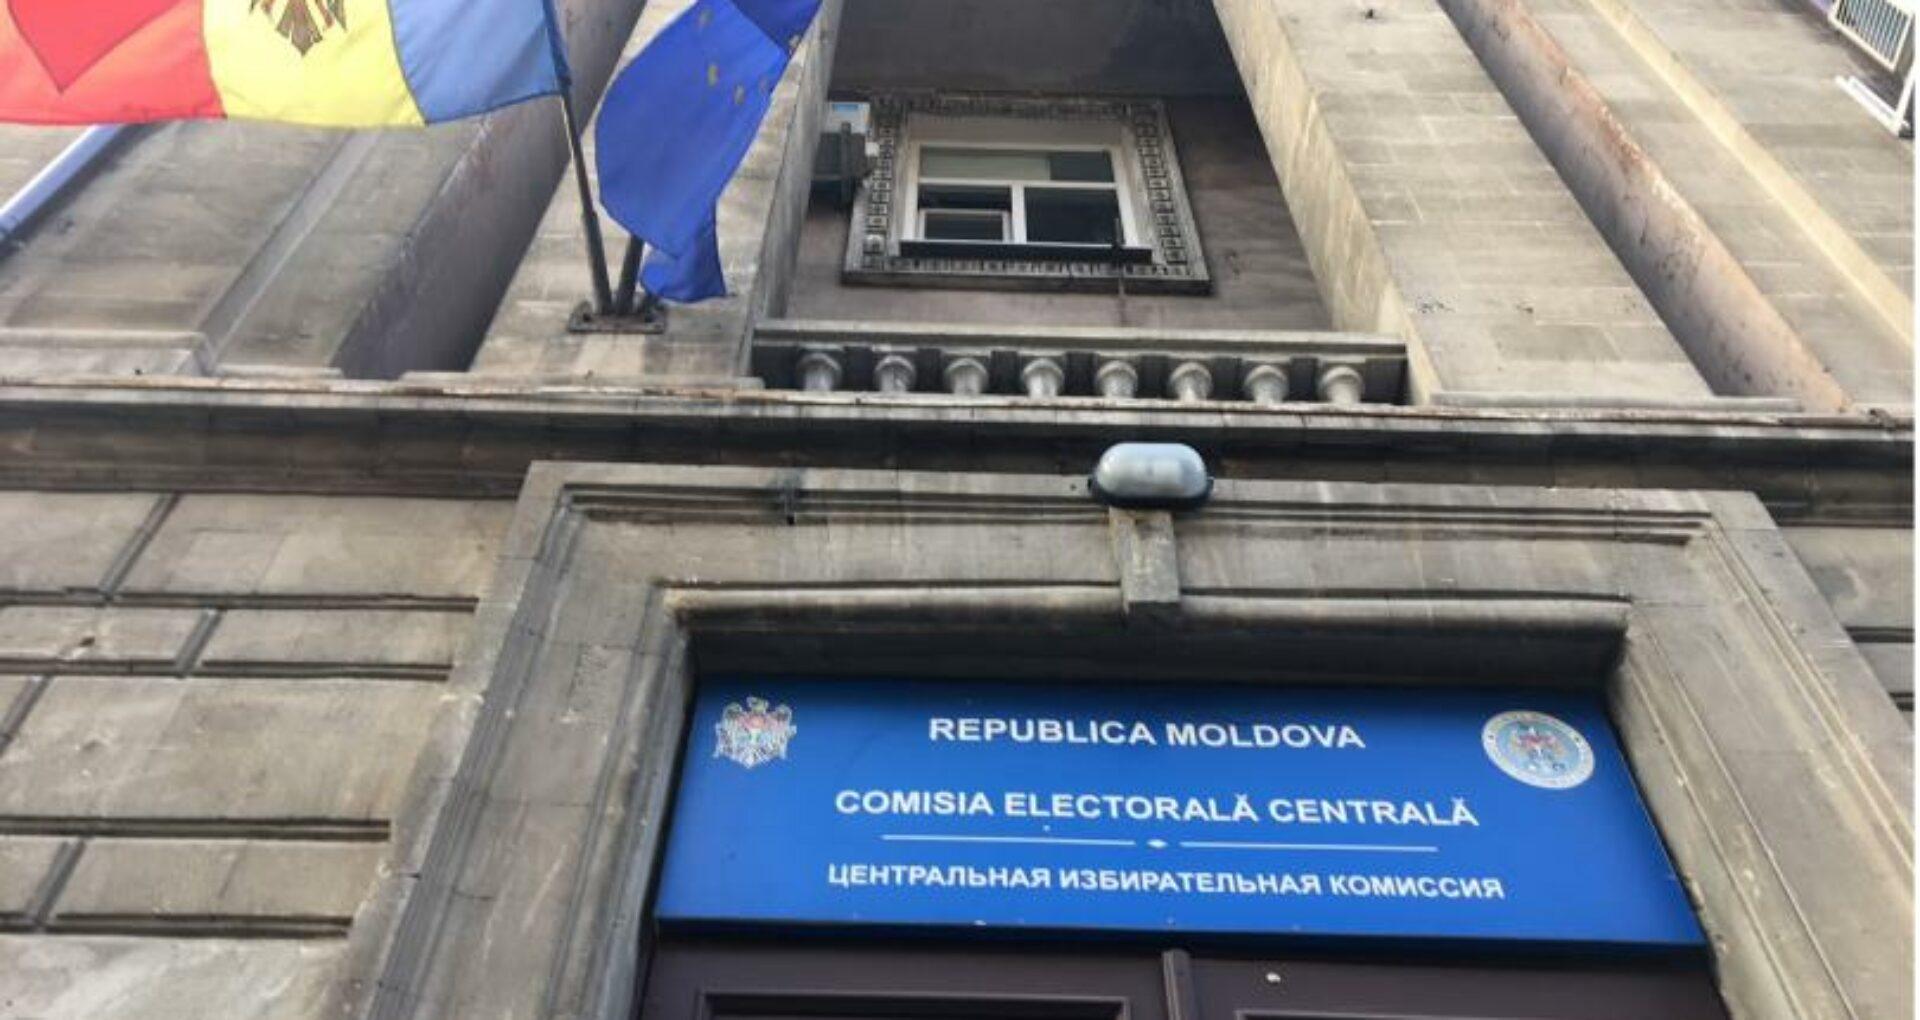 Concurenții electorali sunt invitați să ia cunoștință de textul buletinului de vot pentru alegerile parlamentare anticipate